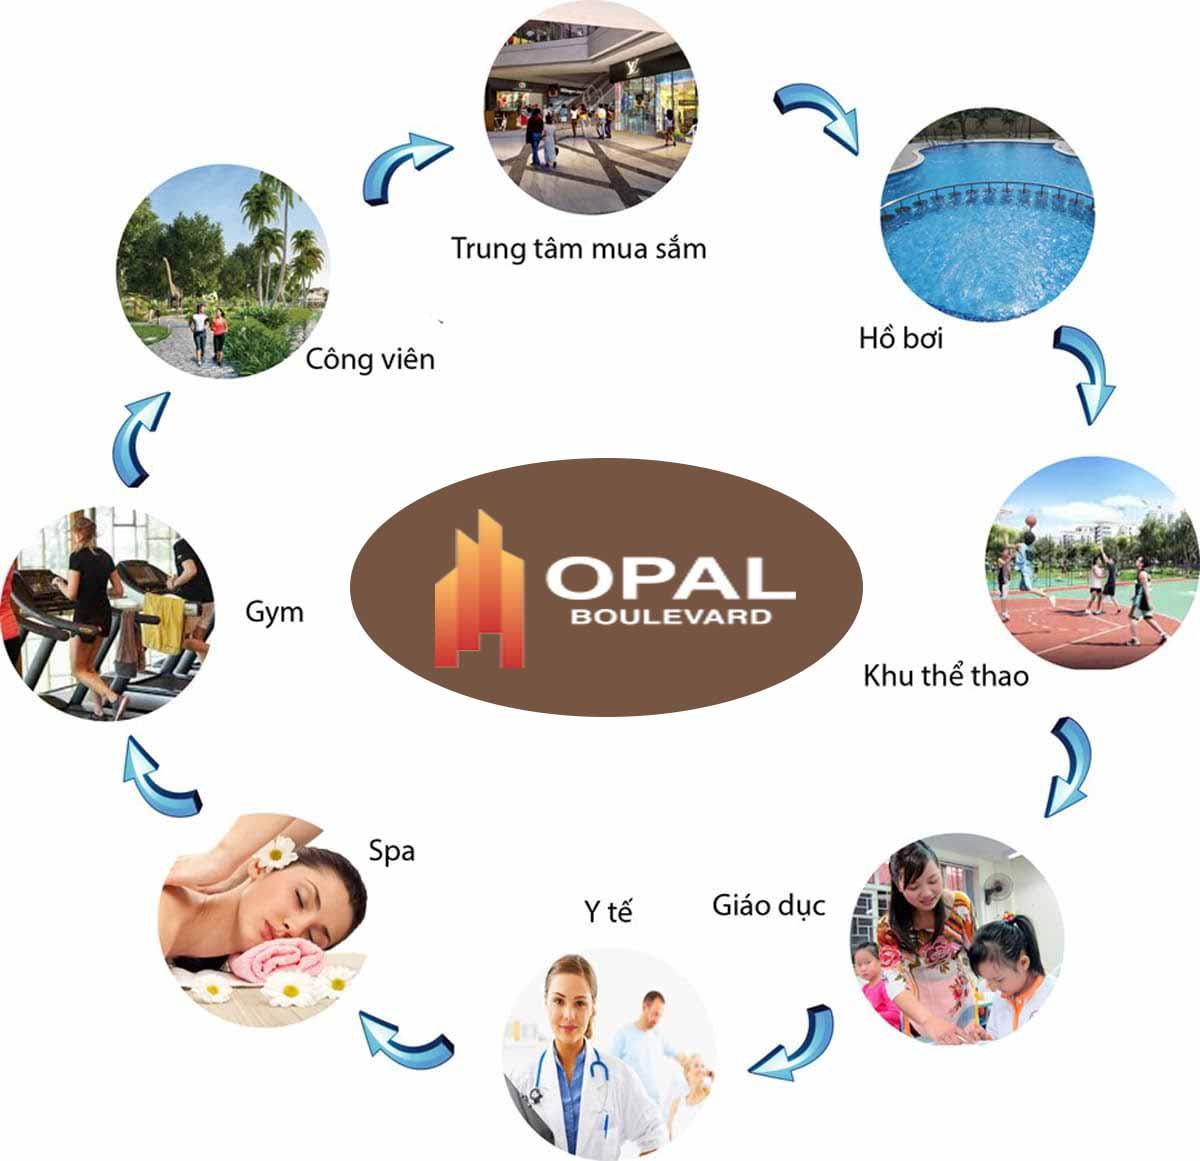 phong kinh doanh dat danh opal boulevard tien ich ngoai khu1